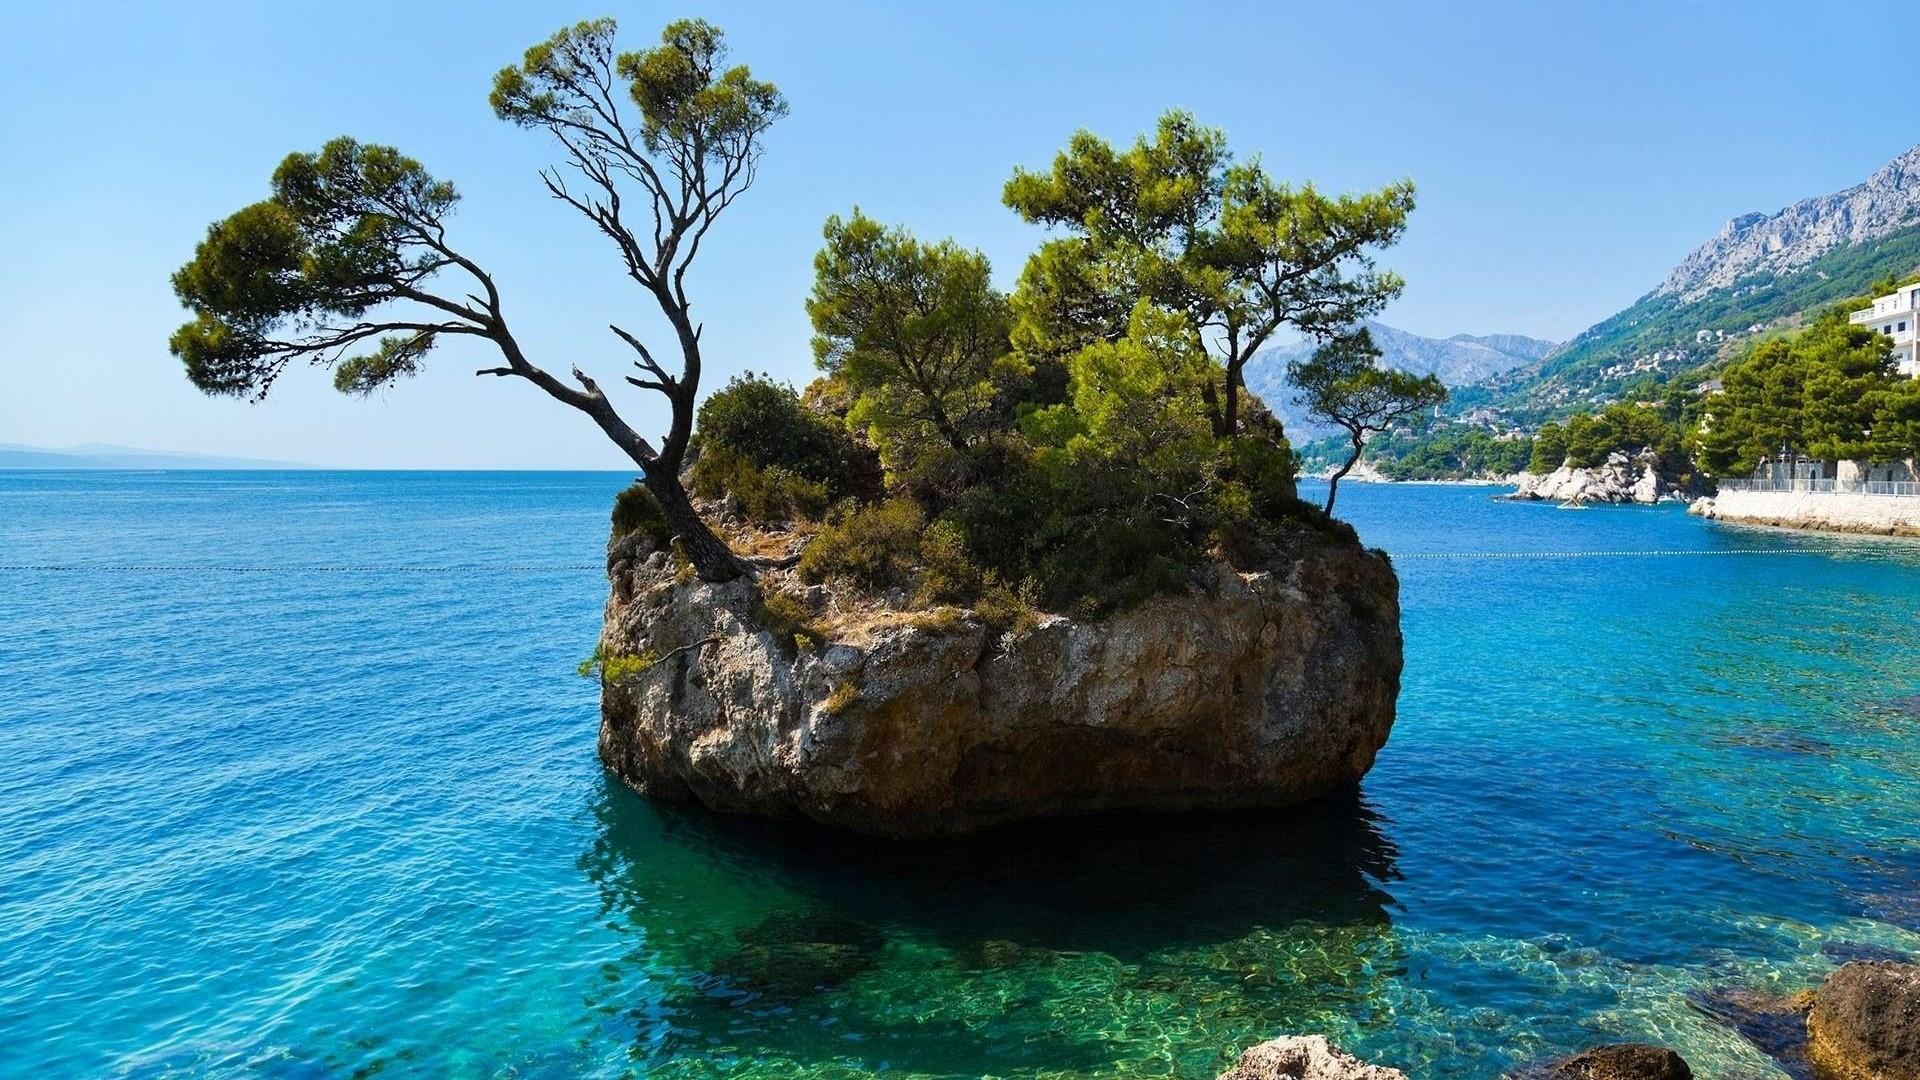 маленькие острова среди гор  № 253216 бесплатно